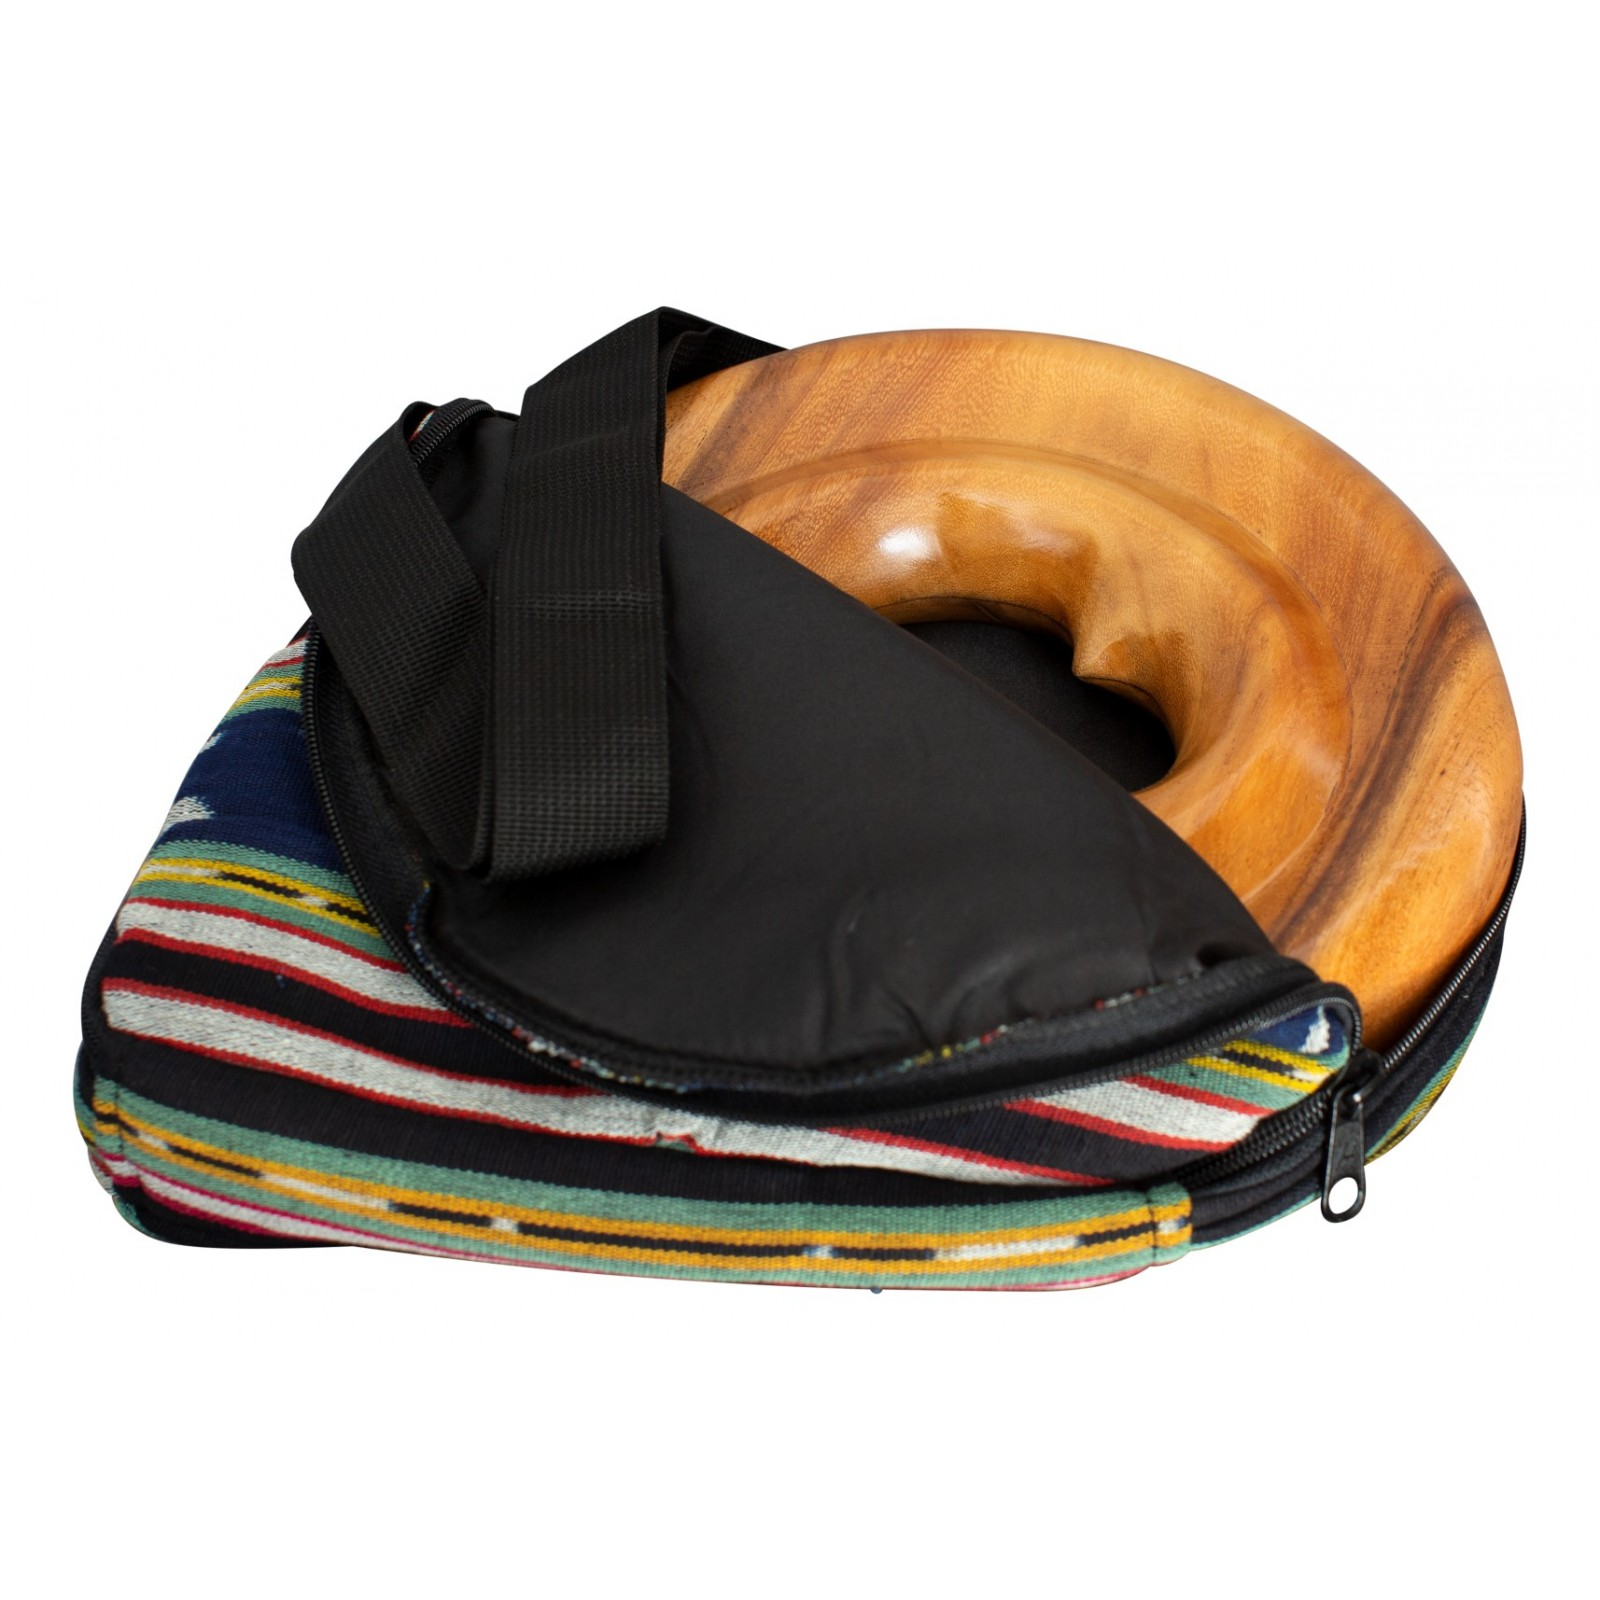 DIDGERIDOOBAG FOR SPIRAL TRAVEL DIDGERIDOO - Nylon Didgeridoo bag for wooden spiral didgeridoo.